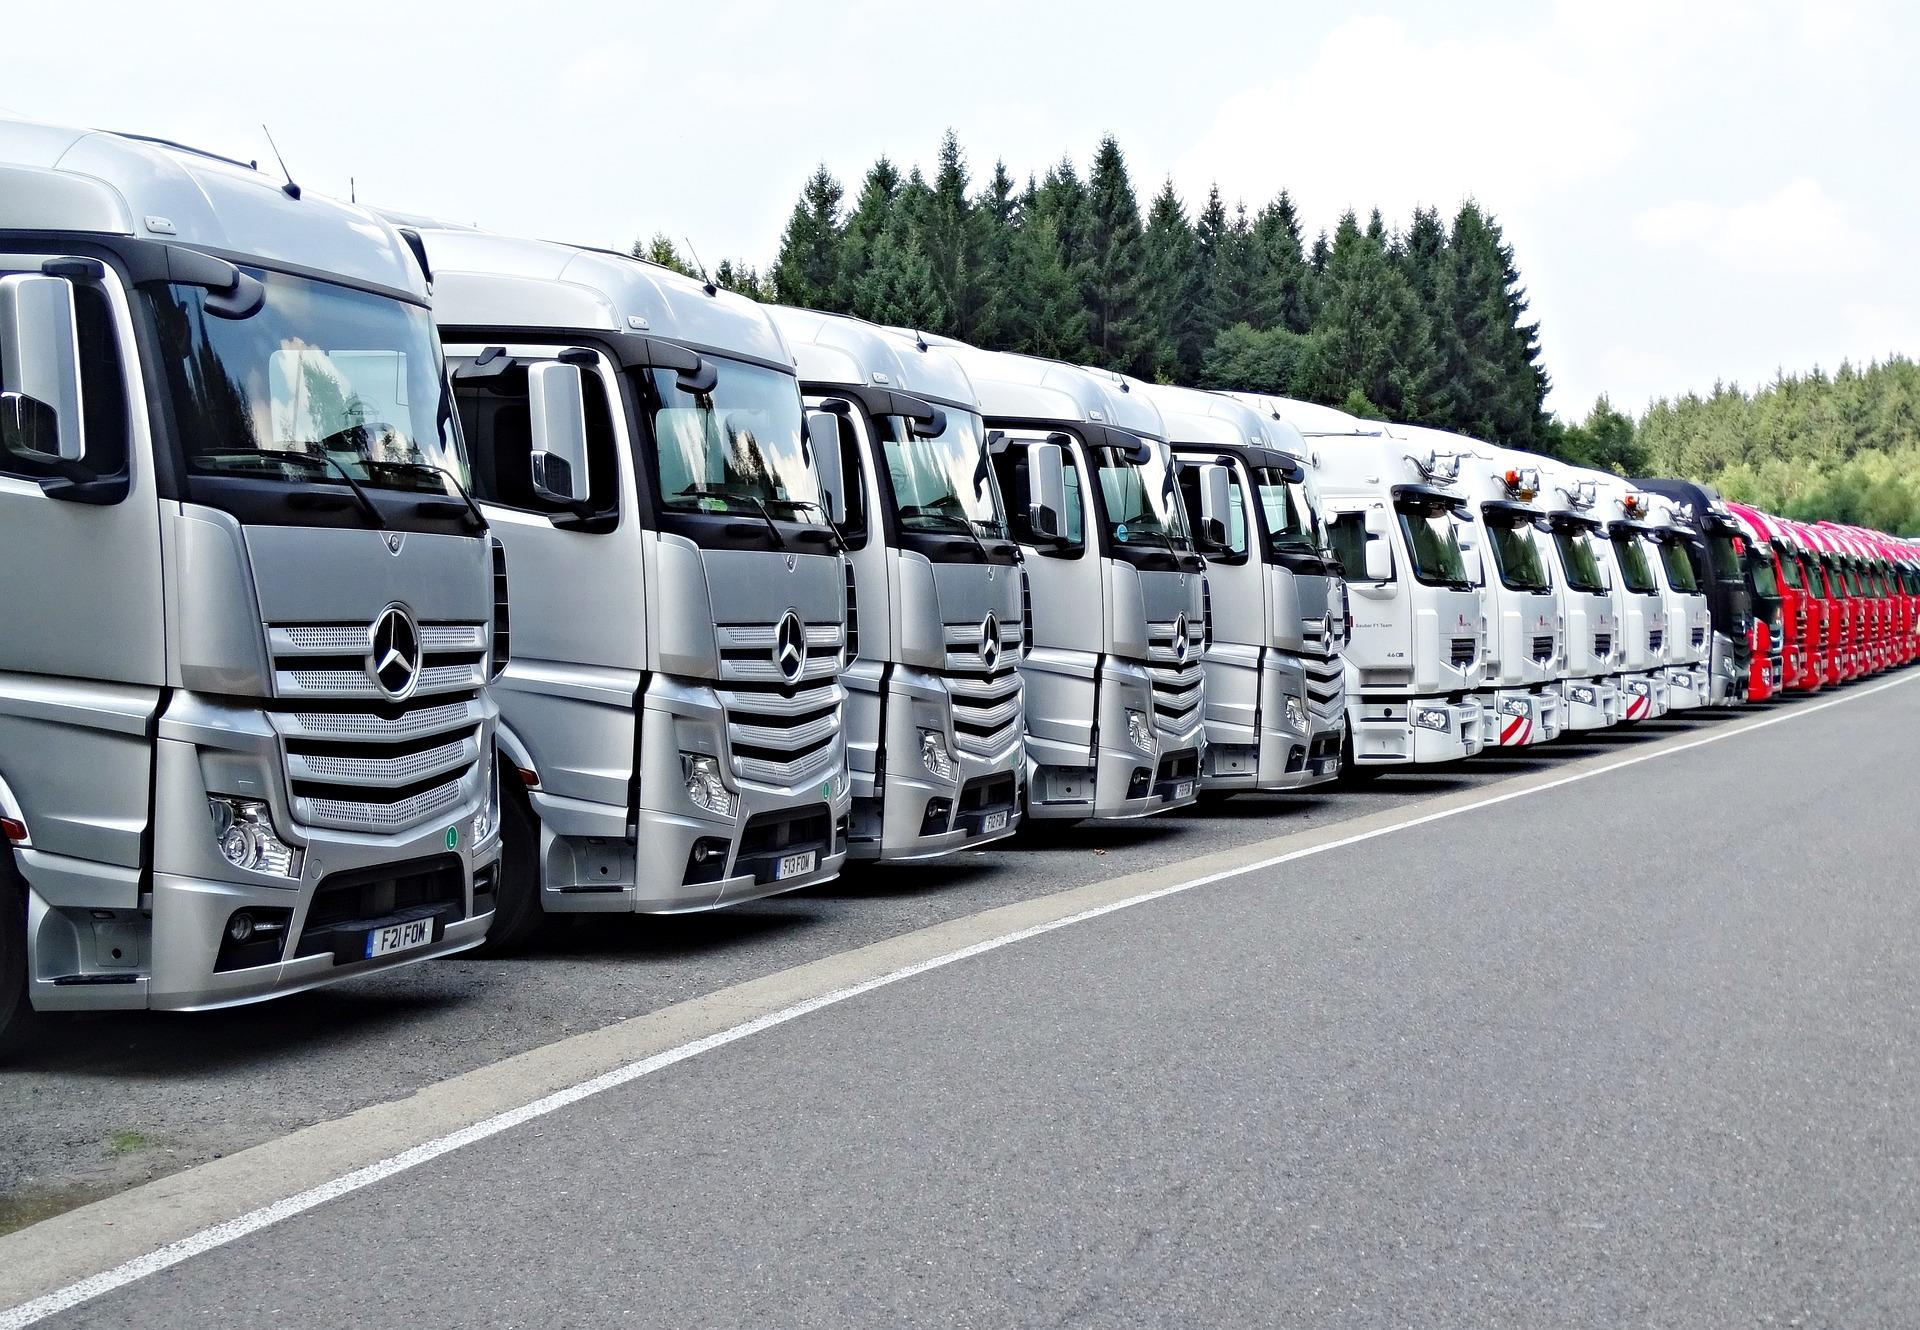 http://speed-trust.com/wp-content/uploads/2018/04/truck-2707700_1920.jpg